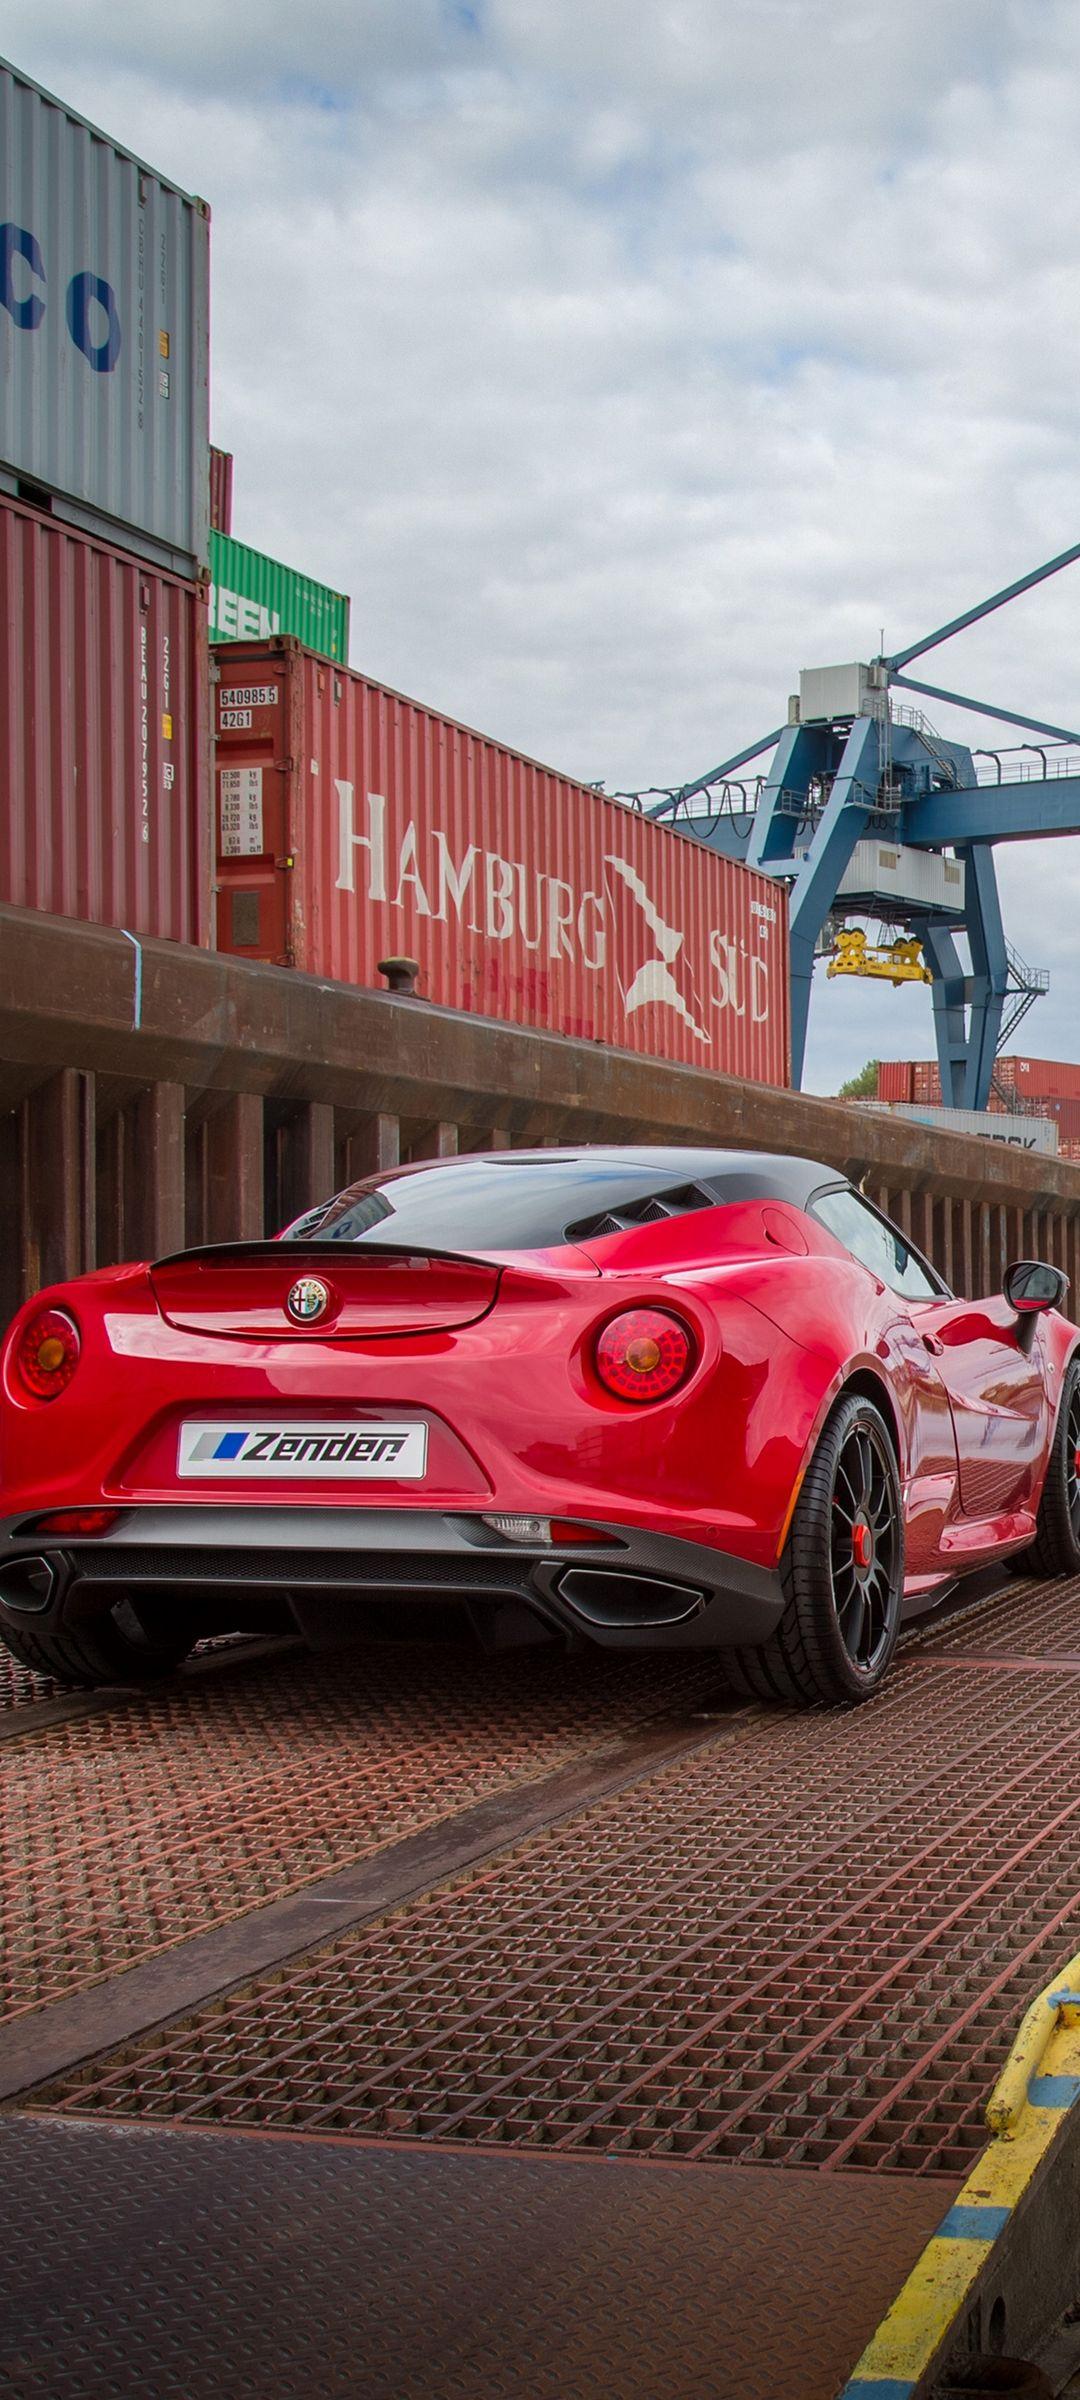 Alfa Romeo 4c Zender Red Rear View